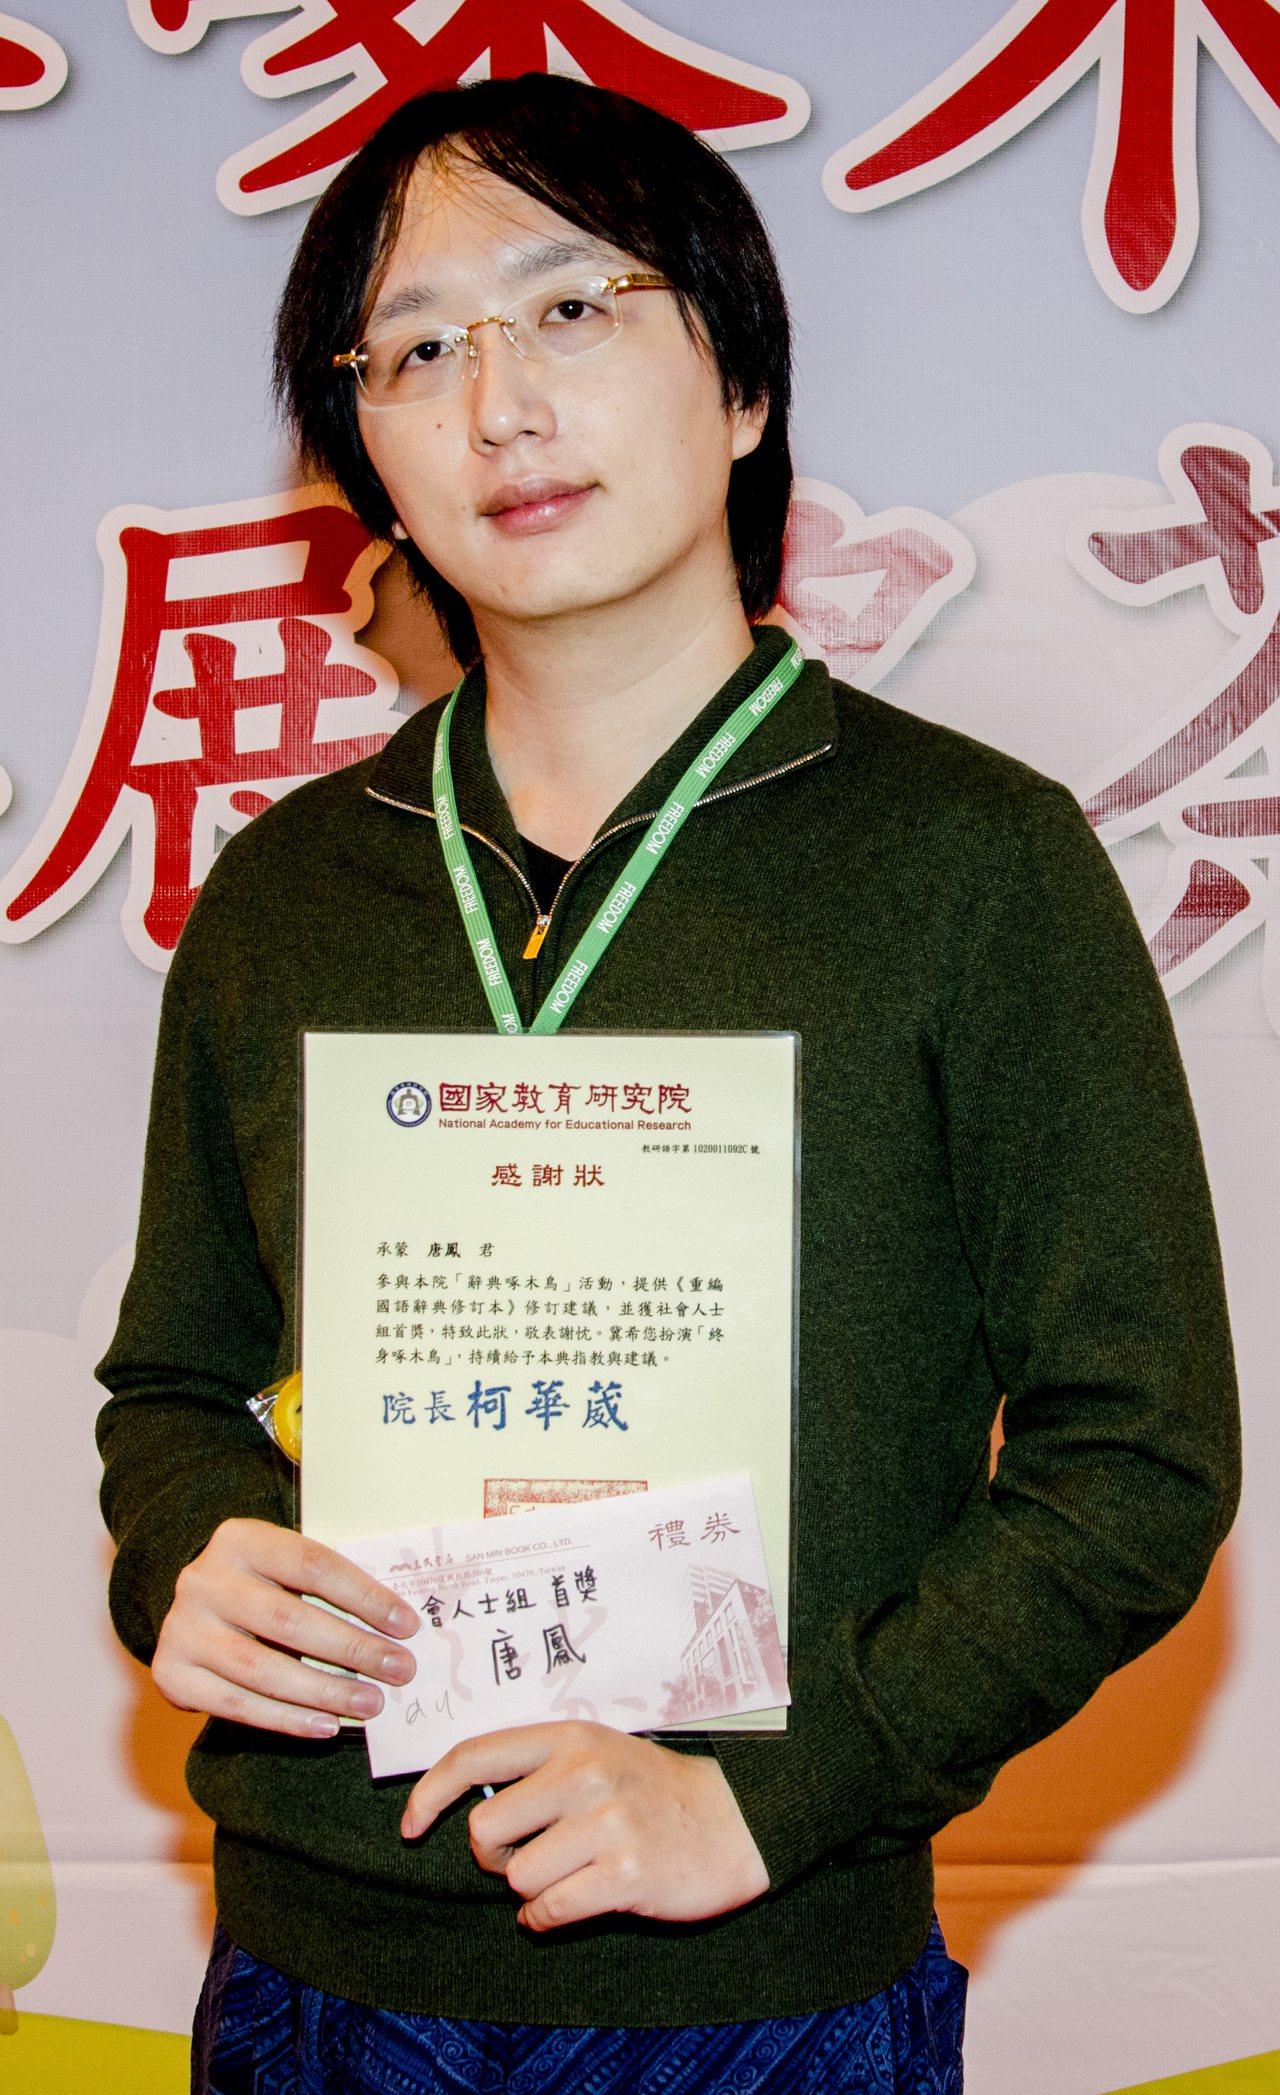 13歲走上自學之路的唐鳳,背後有著一對願意聆聽孩子聲音的父母。記者黃士航/攝影